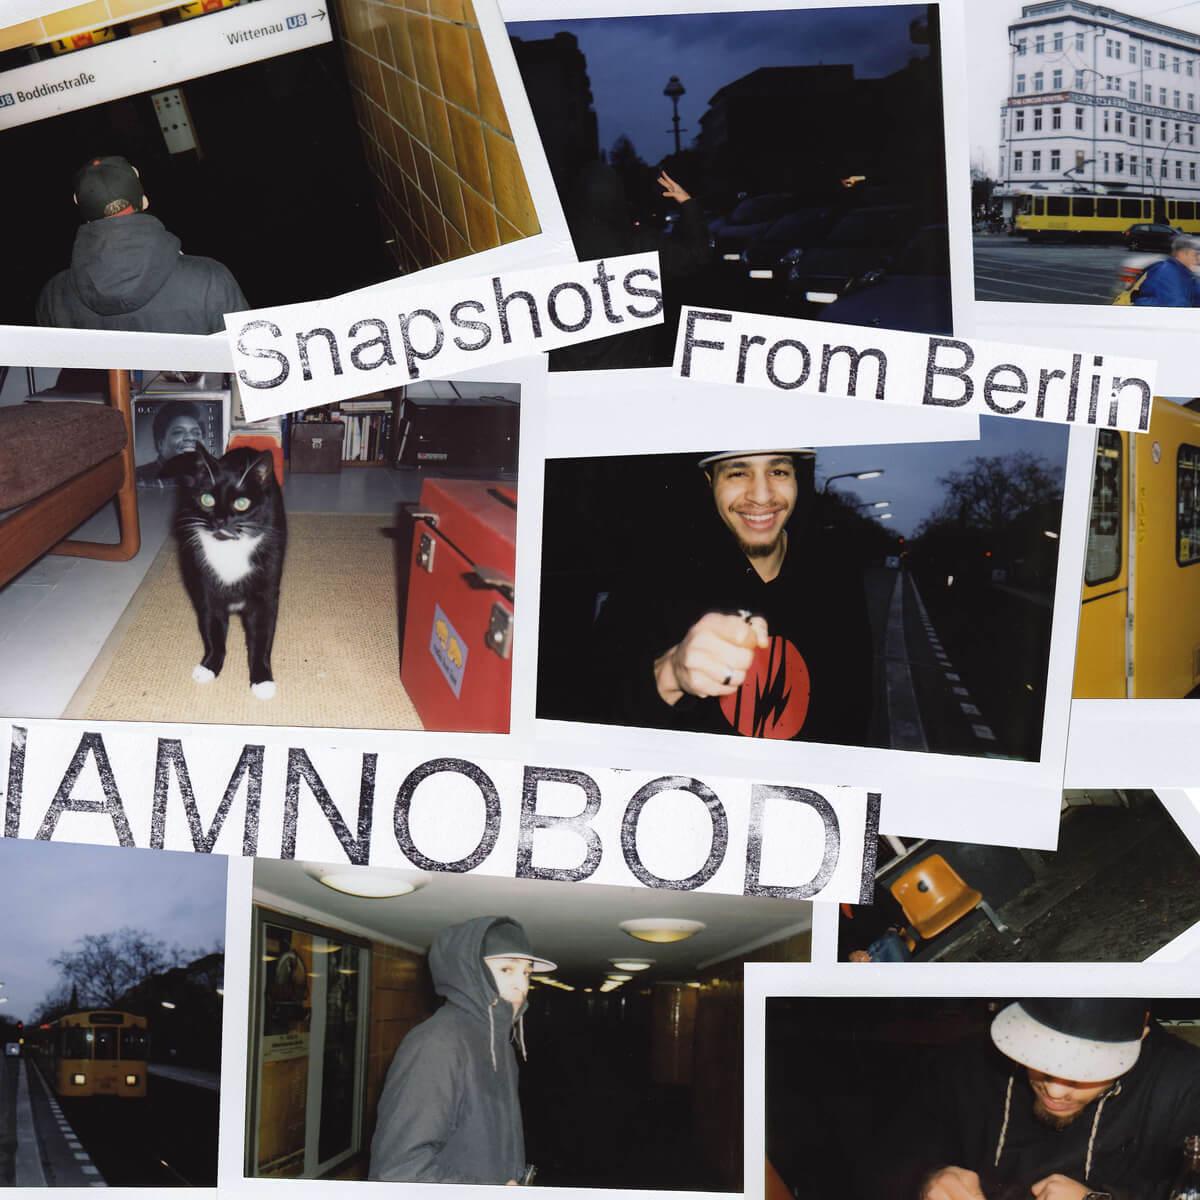 stream-iamnobodis-snapshots-from-berlin-on-bandcamp